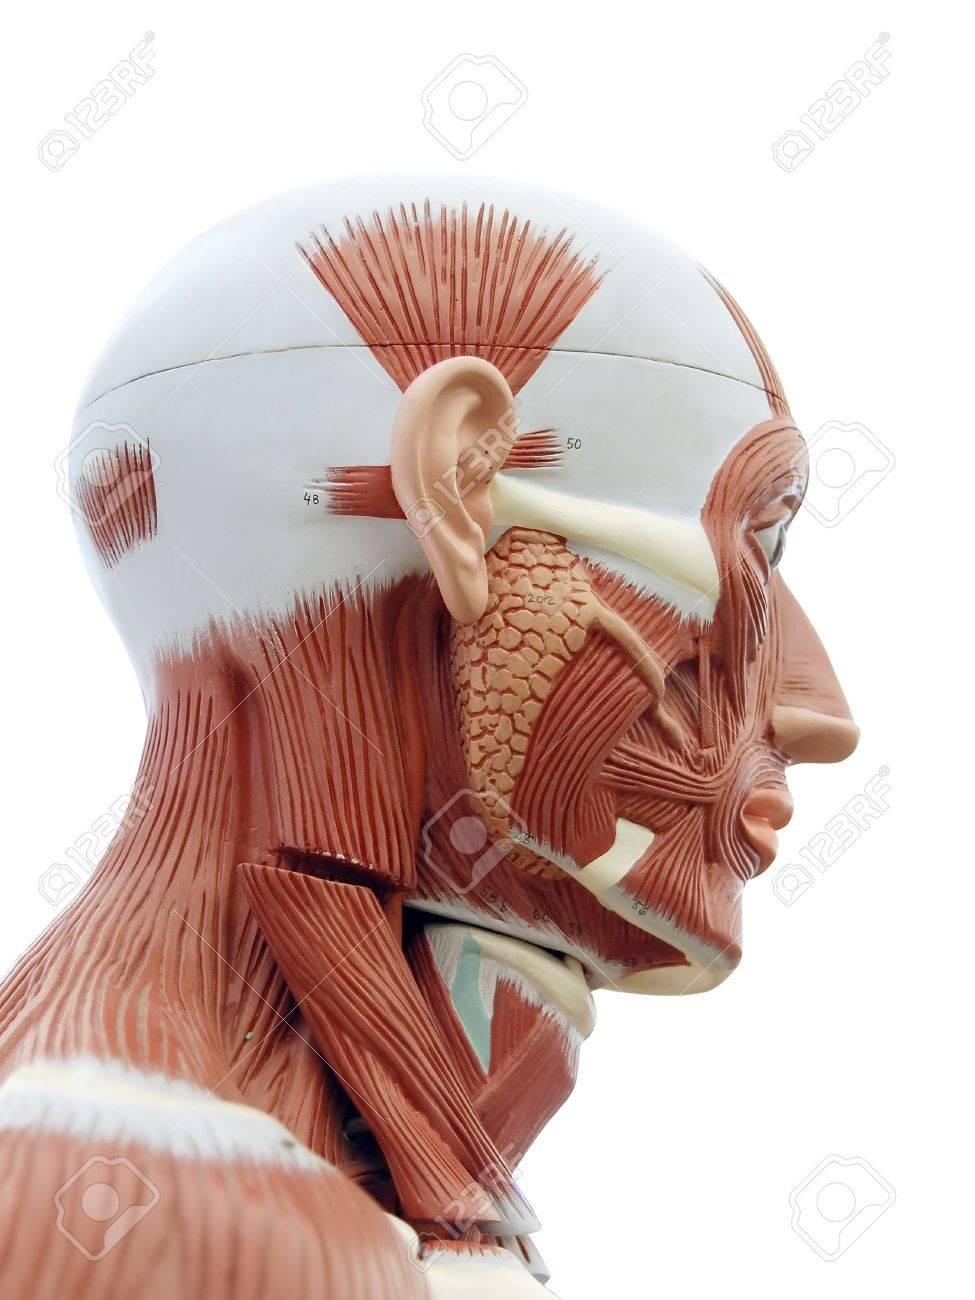 Anatomía Humana - Estructura De Los Músculos Y De Los Tendones ...